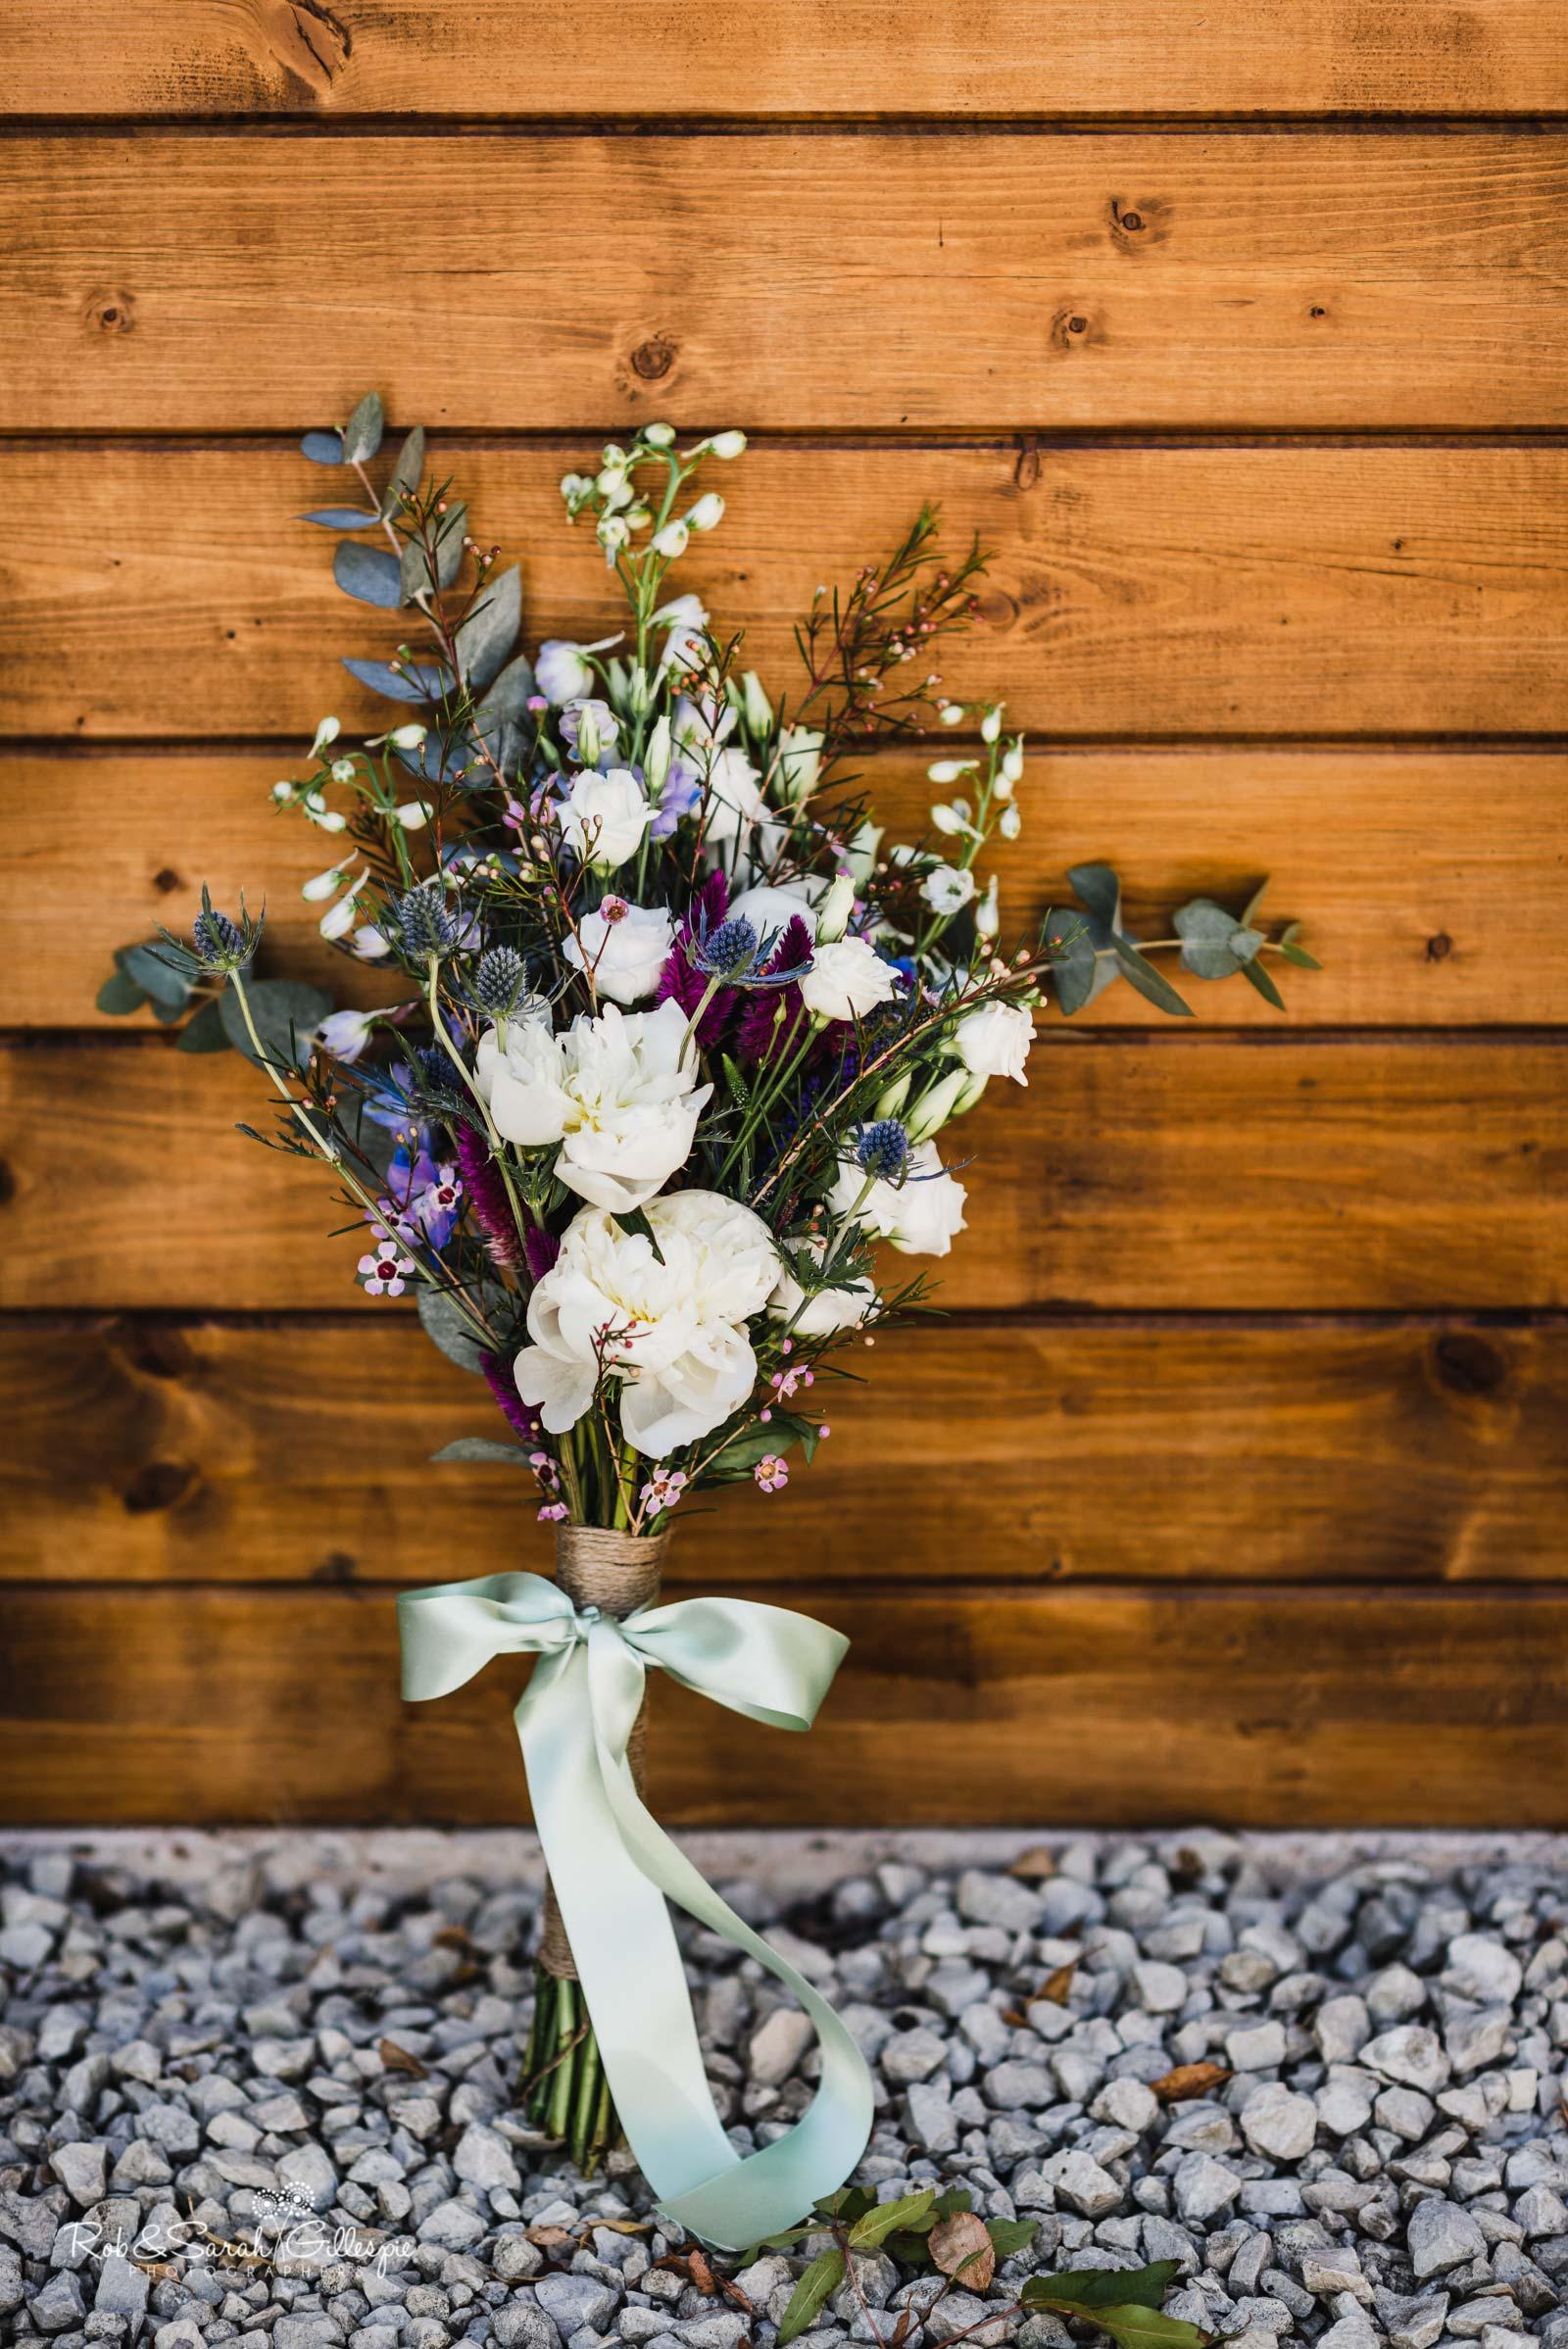 Bridal bouquet at Wethele Manor wedding